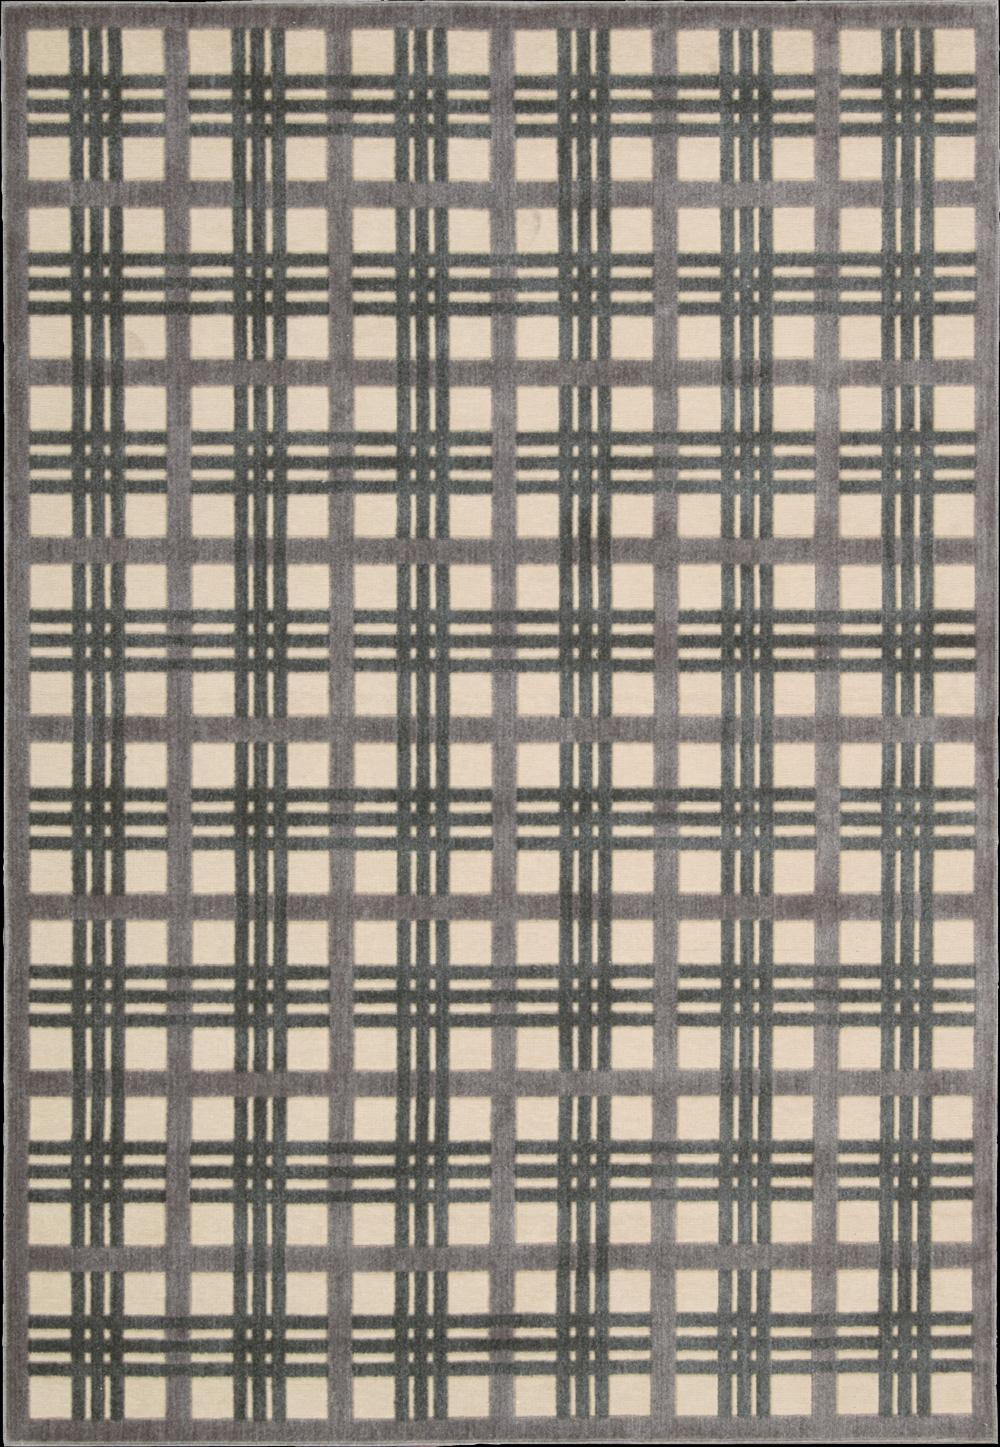 """Nourison Graphic Illusions Area Rug 7'9"""" x 10'10"""" - Item Number: 16056"""